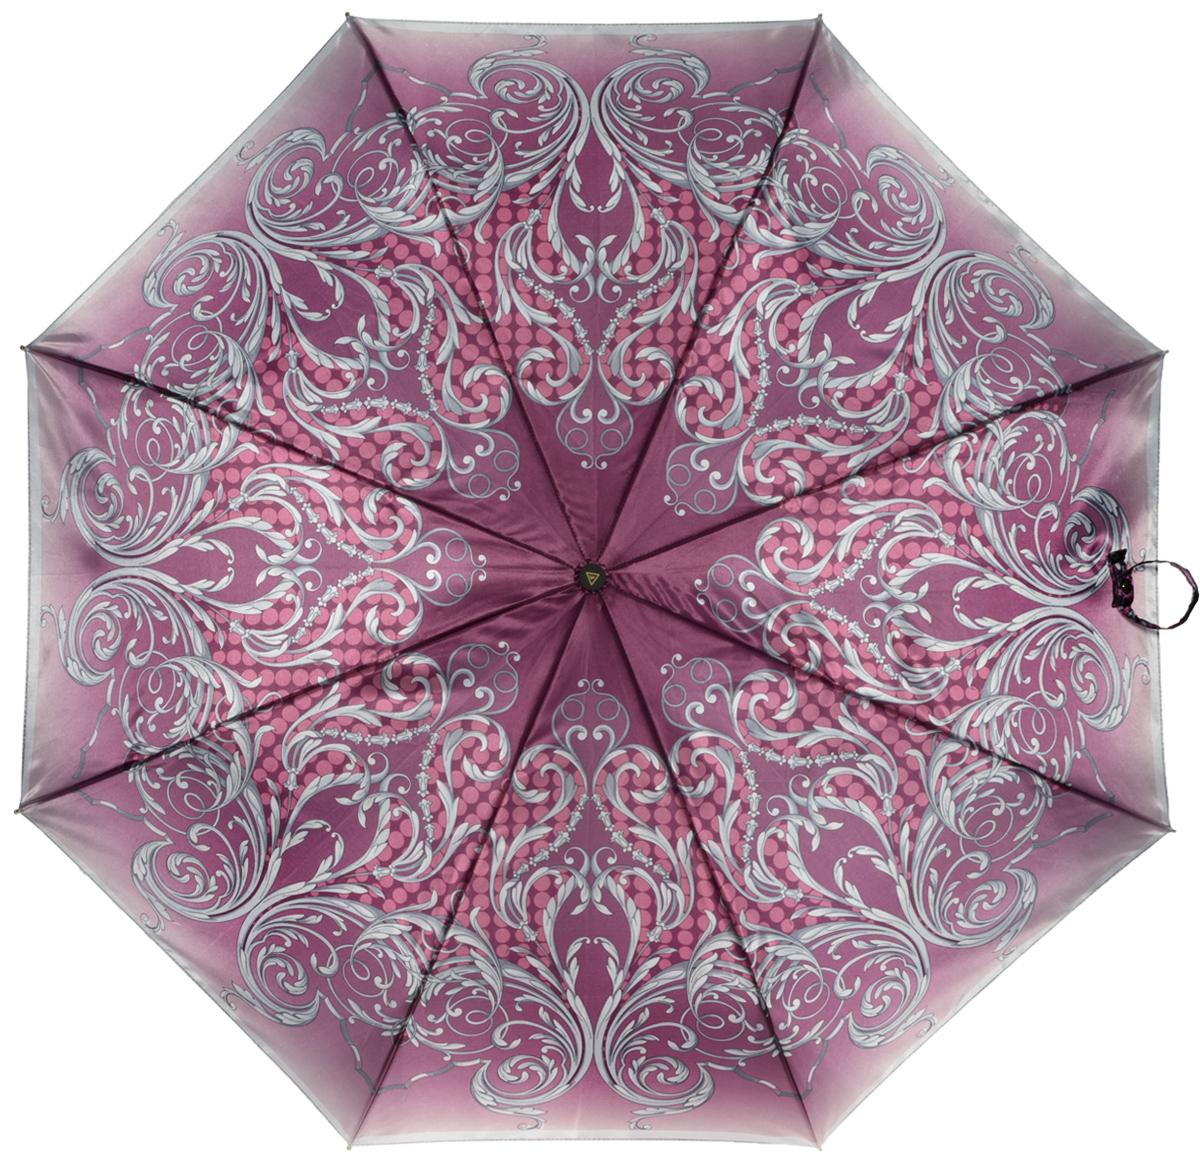 Зонт женский Fabretti, полный автомат, 3 сложения, цвет: бордовый. S-16103-5S-16103-5Зонт женский Fabretti, суперавтомат, 3 сложения, сатин